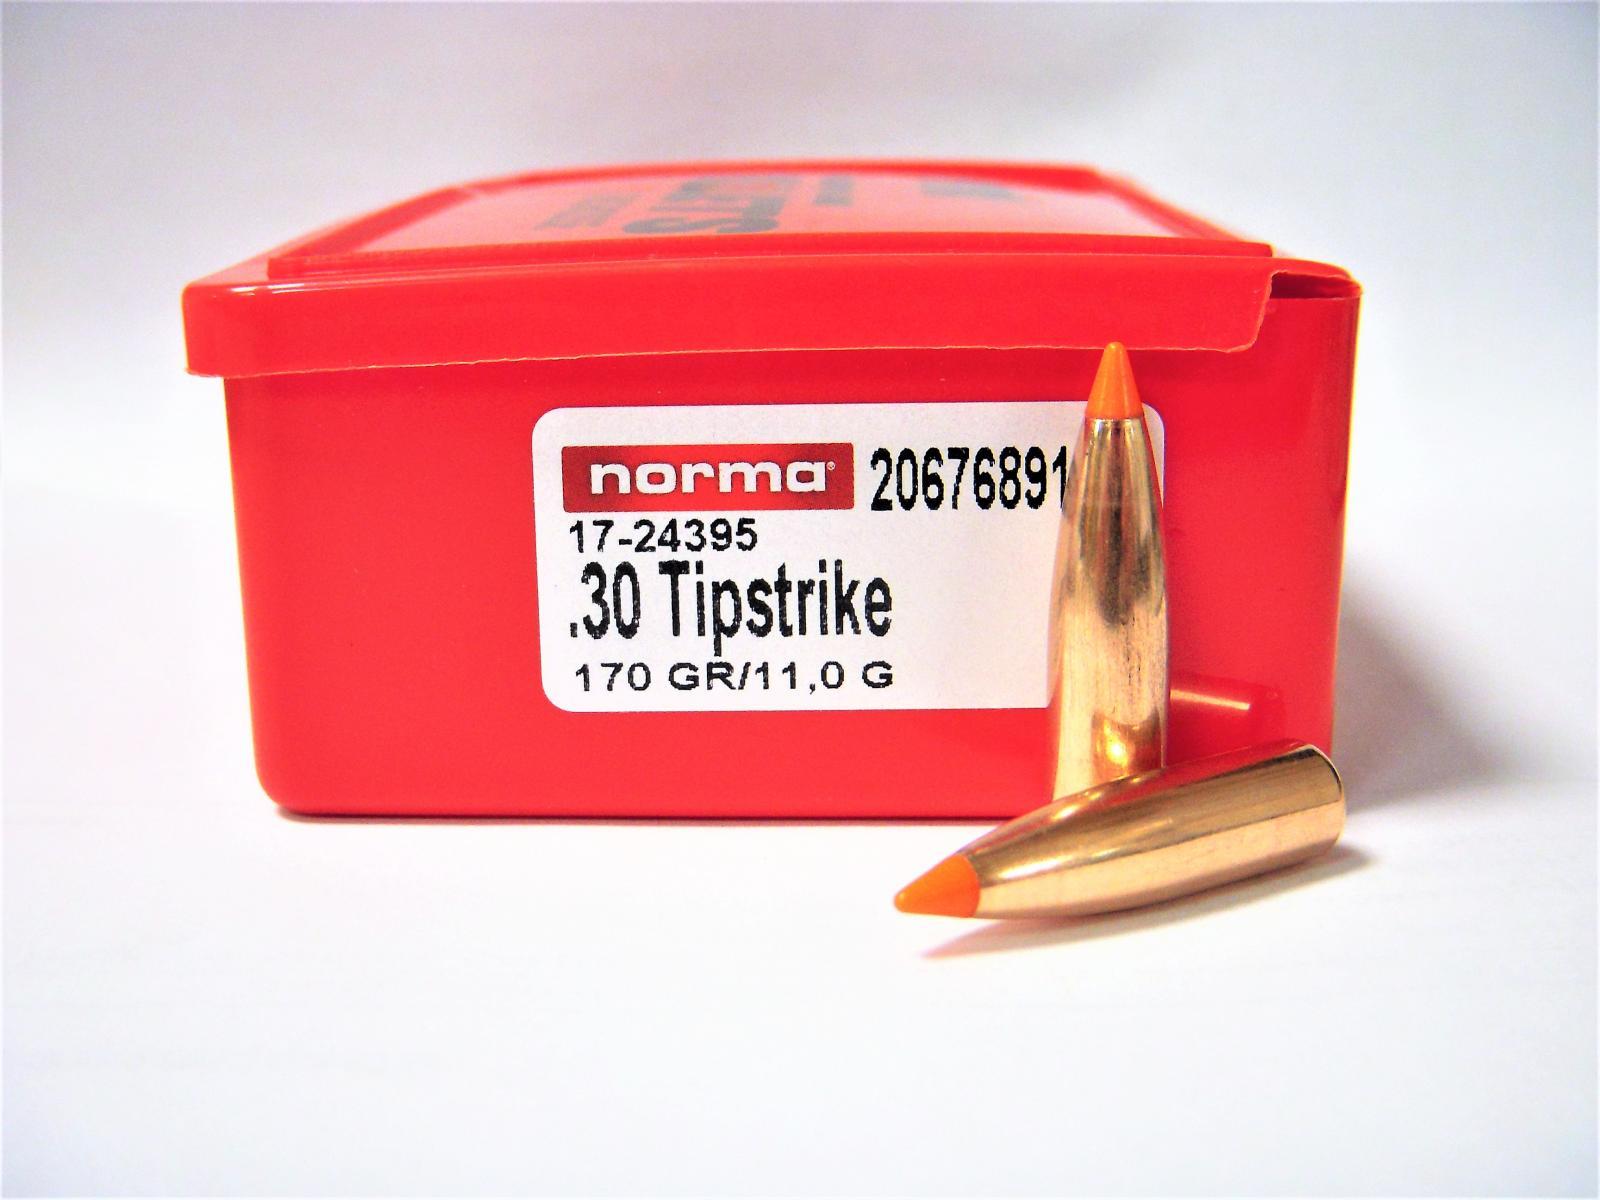 Ogives NORMA .30 Tipstrike 170 grs